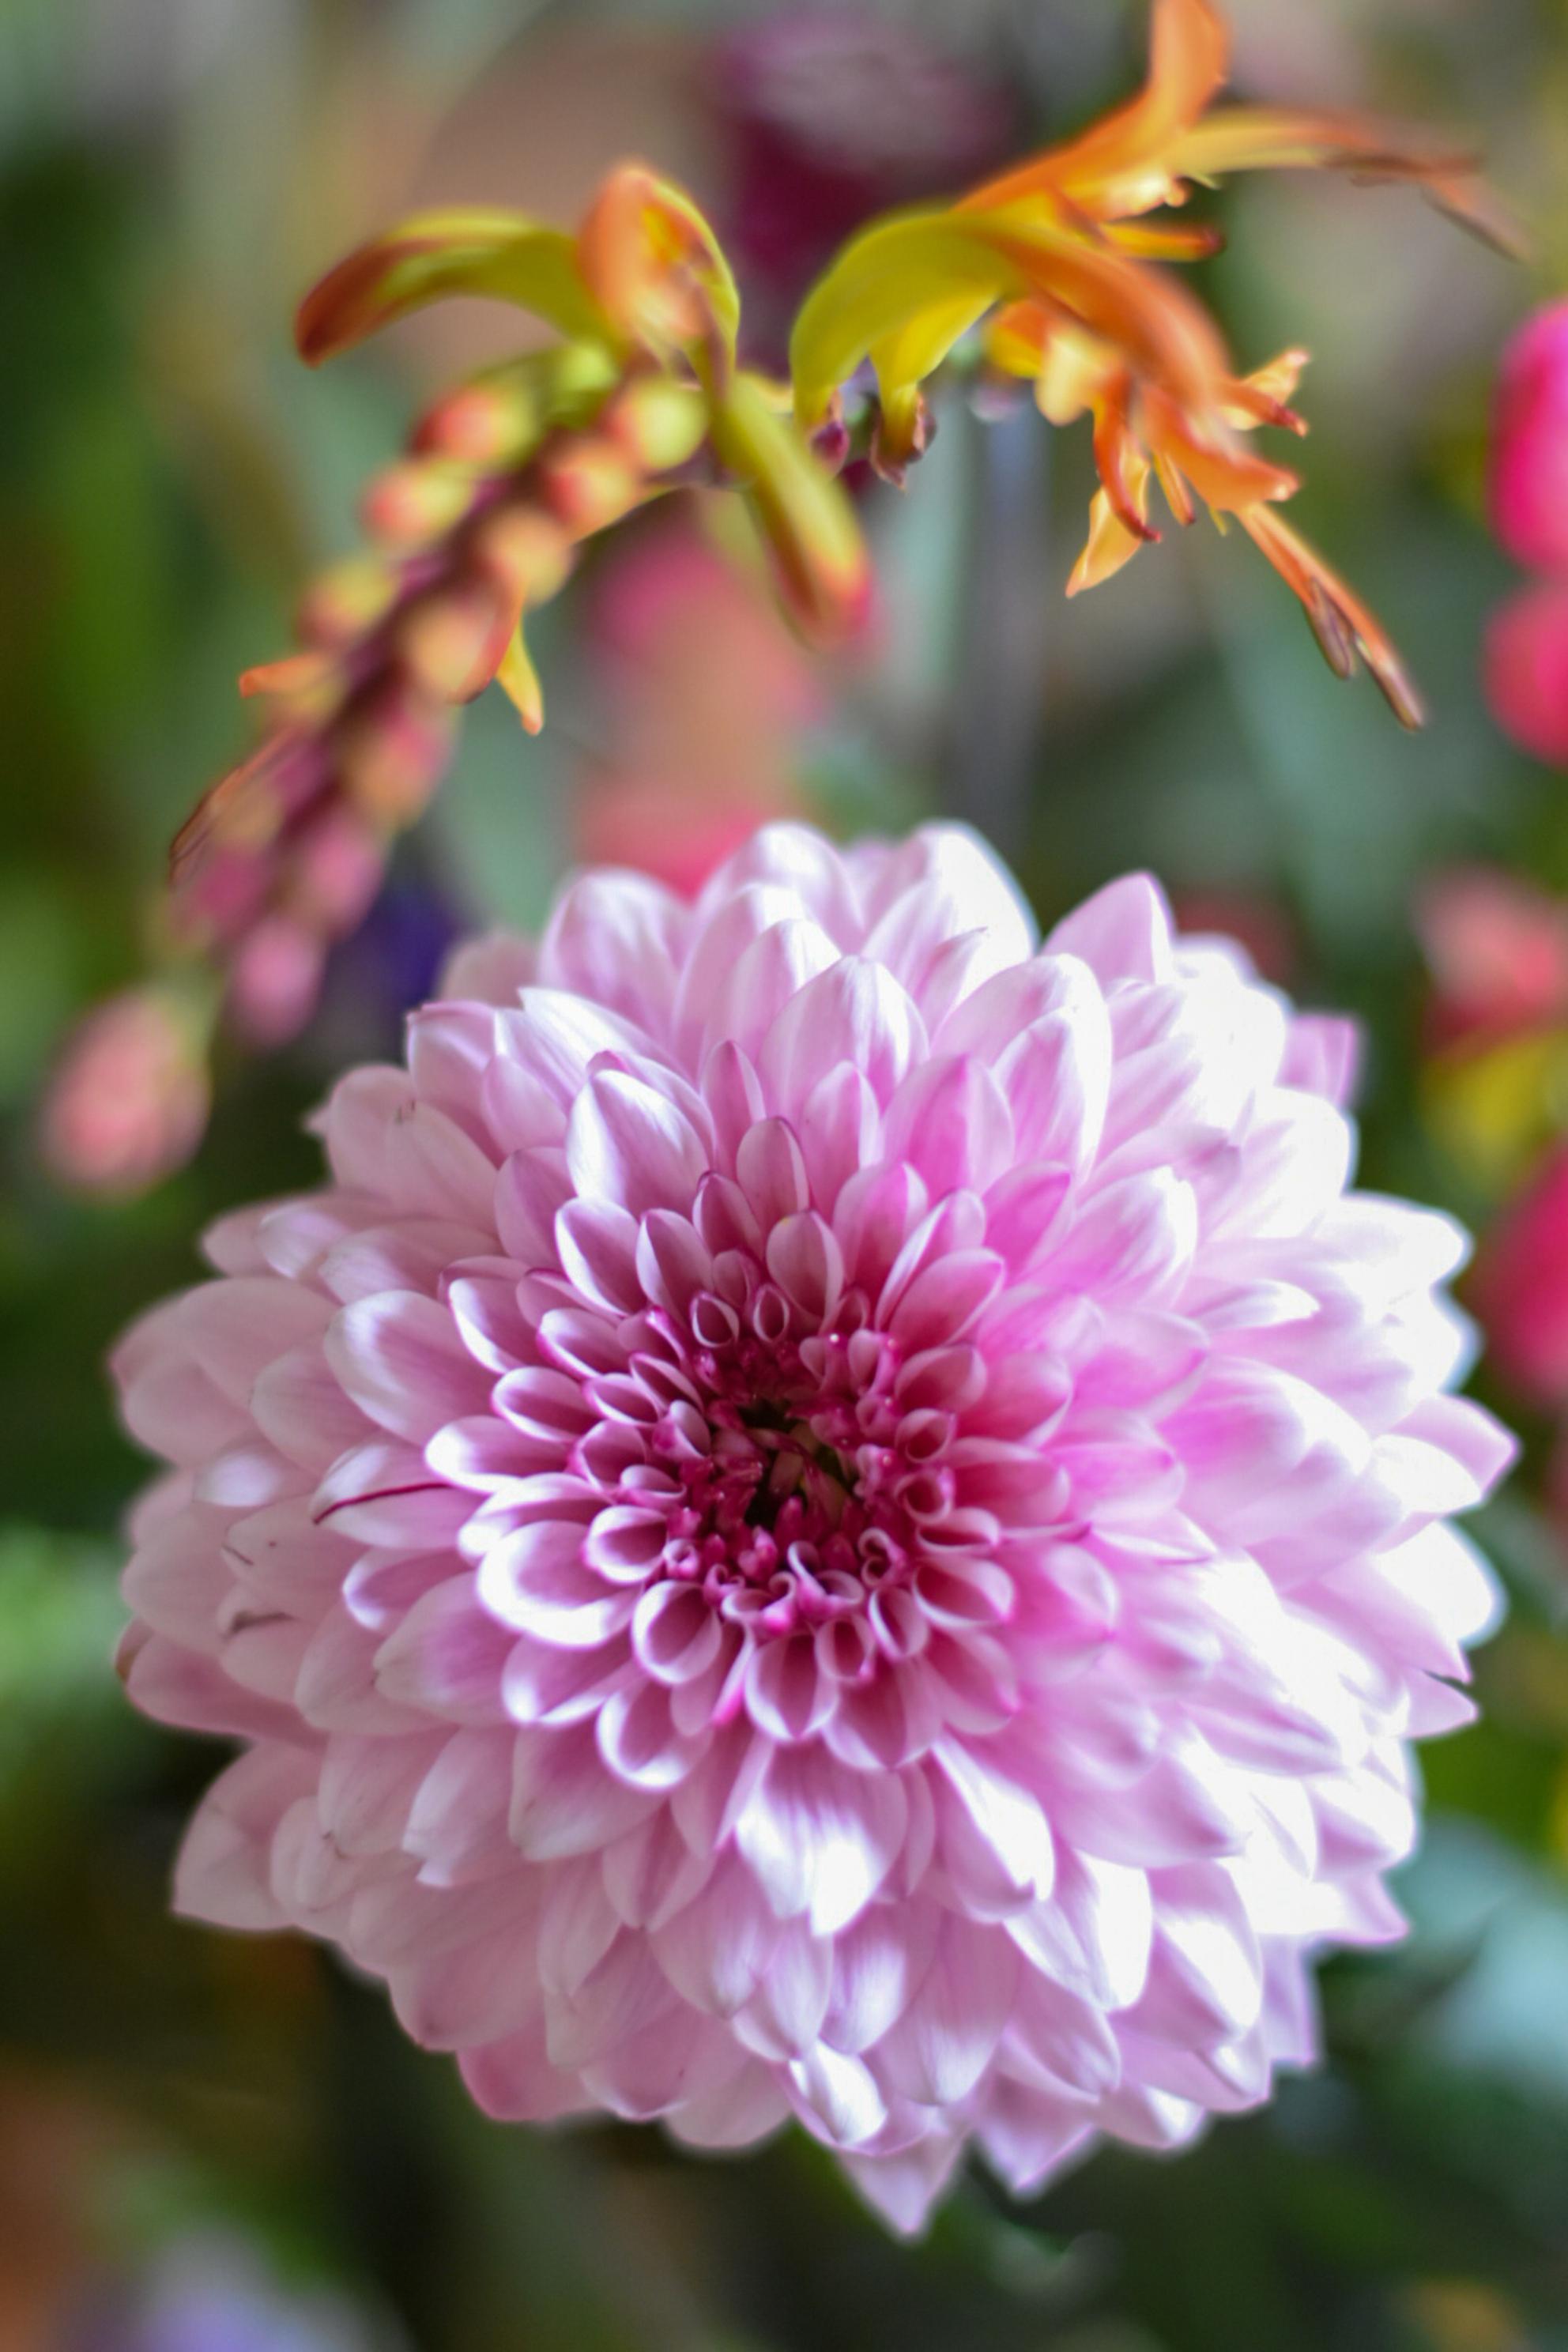 Color Your World - Zin in de lente wanneer ik deze vrolijke kleuren zie! - foto door Siska7211 op 08-03-2021 - deze foto bevat: bloem, dahlia, boeket, kleurrijk - Deze foto mag gebruikt worden in een Zoom.nl publicatie